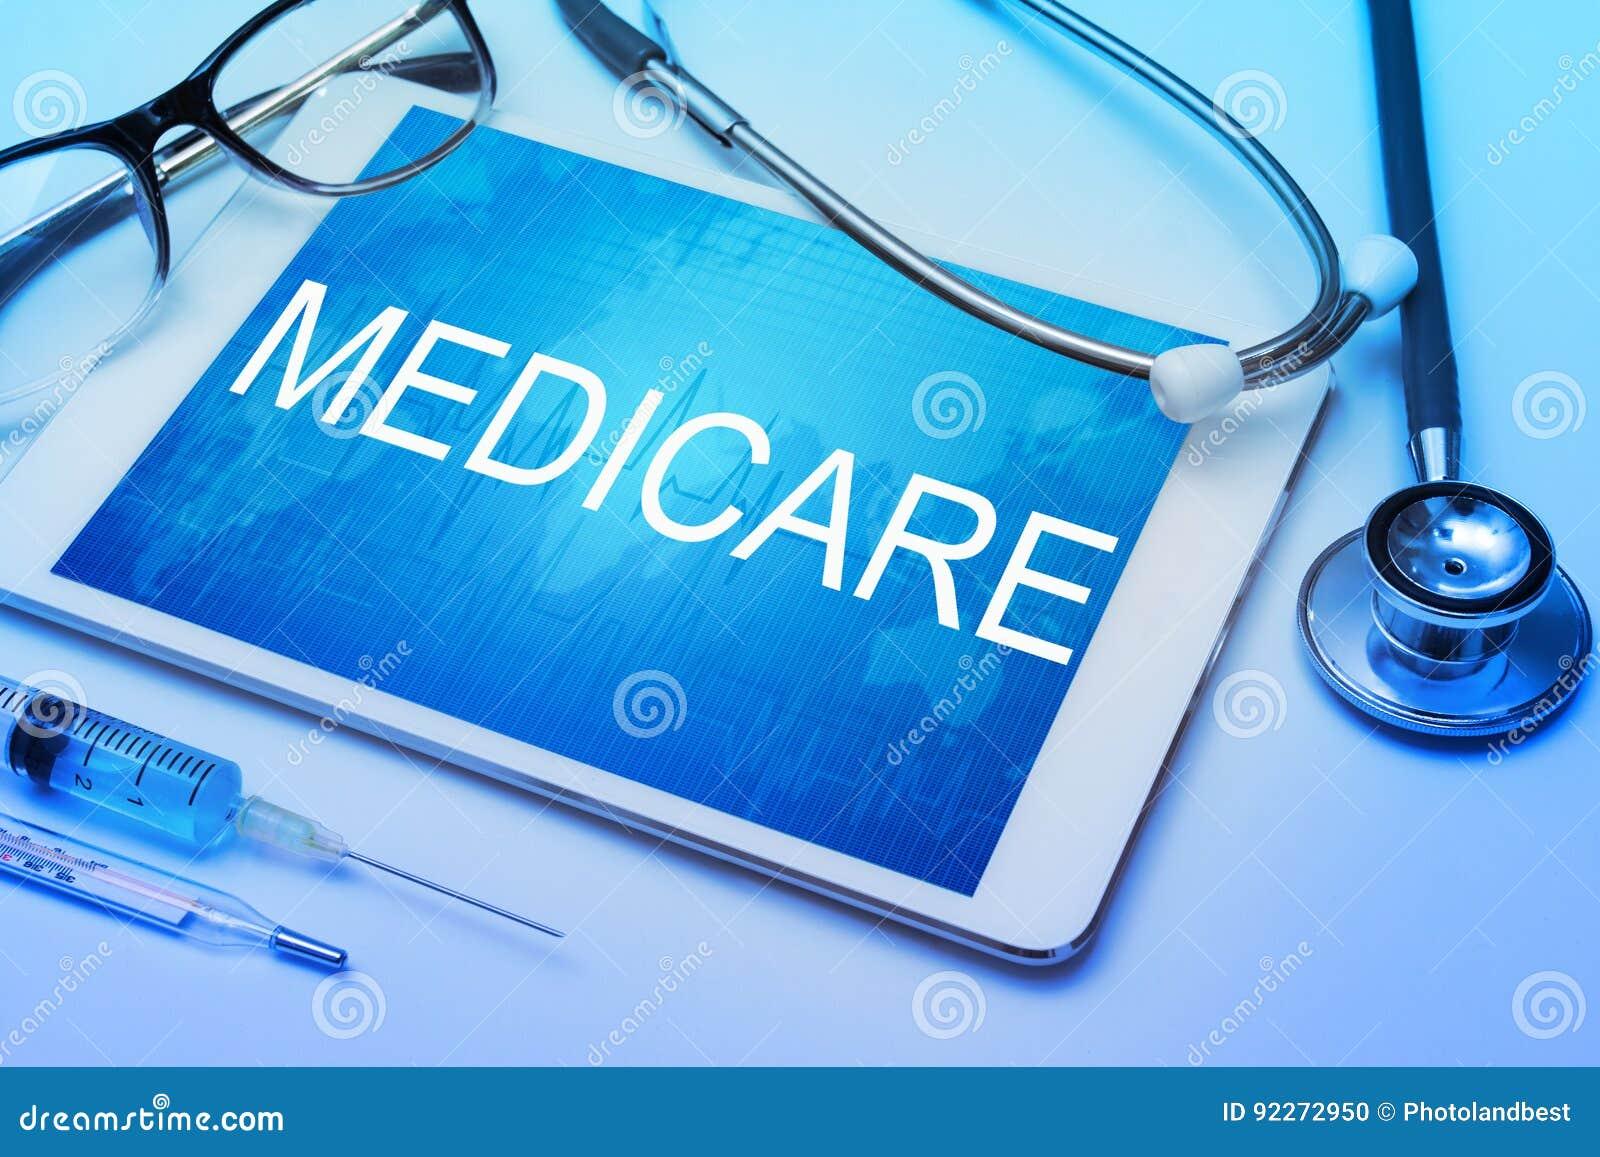 Medicare-Wort auf Tablettenschirm mit medizinischer Ausrüstung